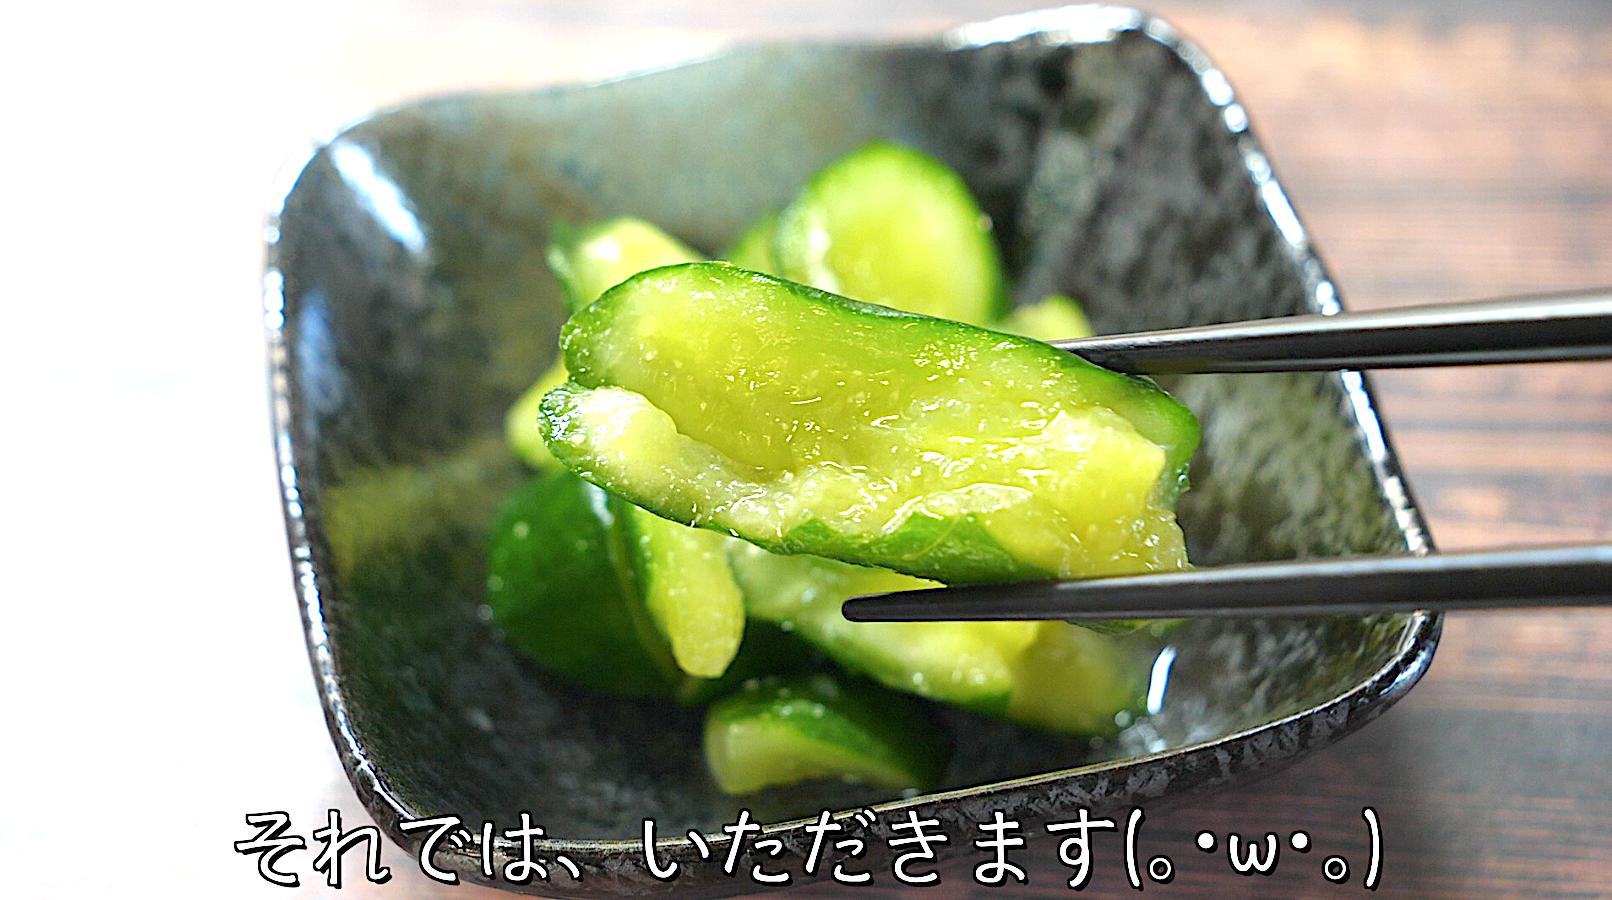 きゅうり 漬物 レシピ ダイエット